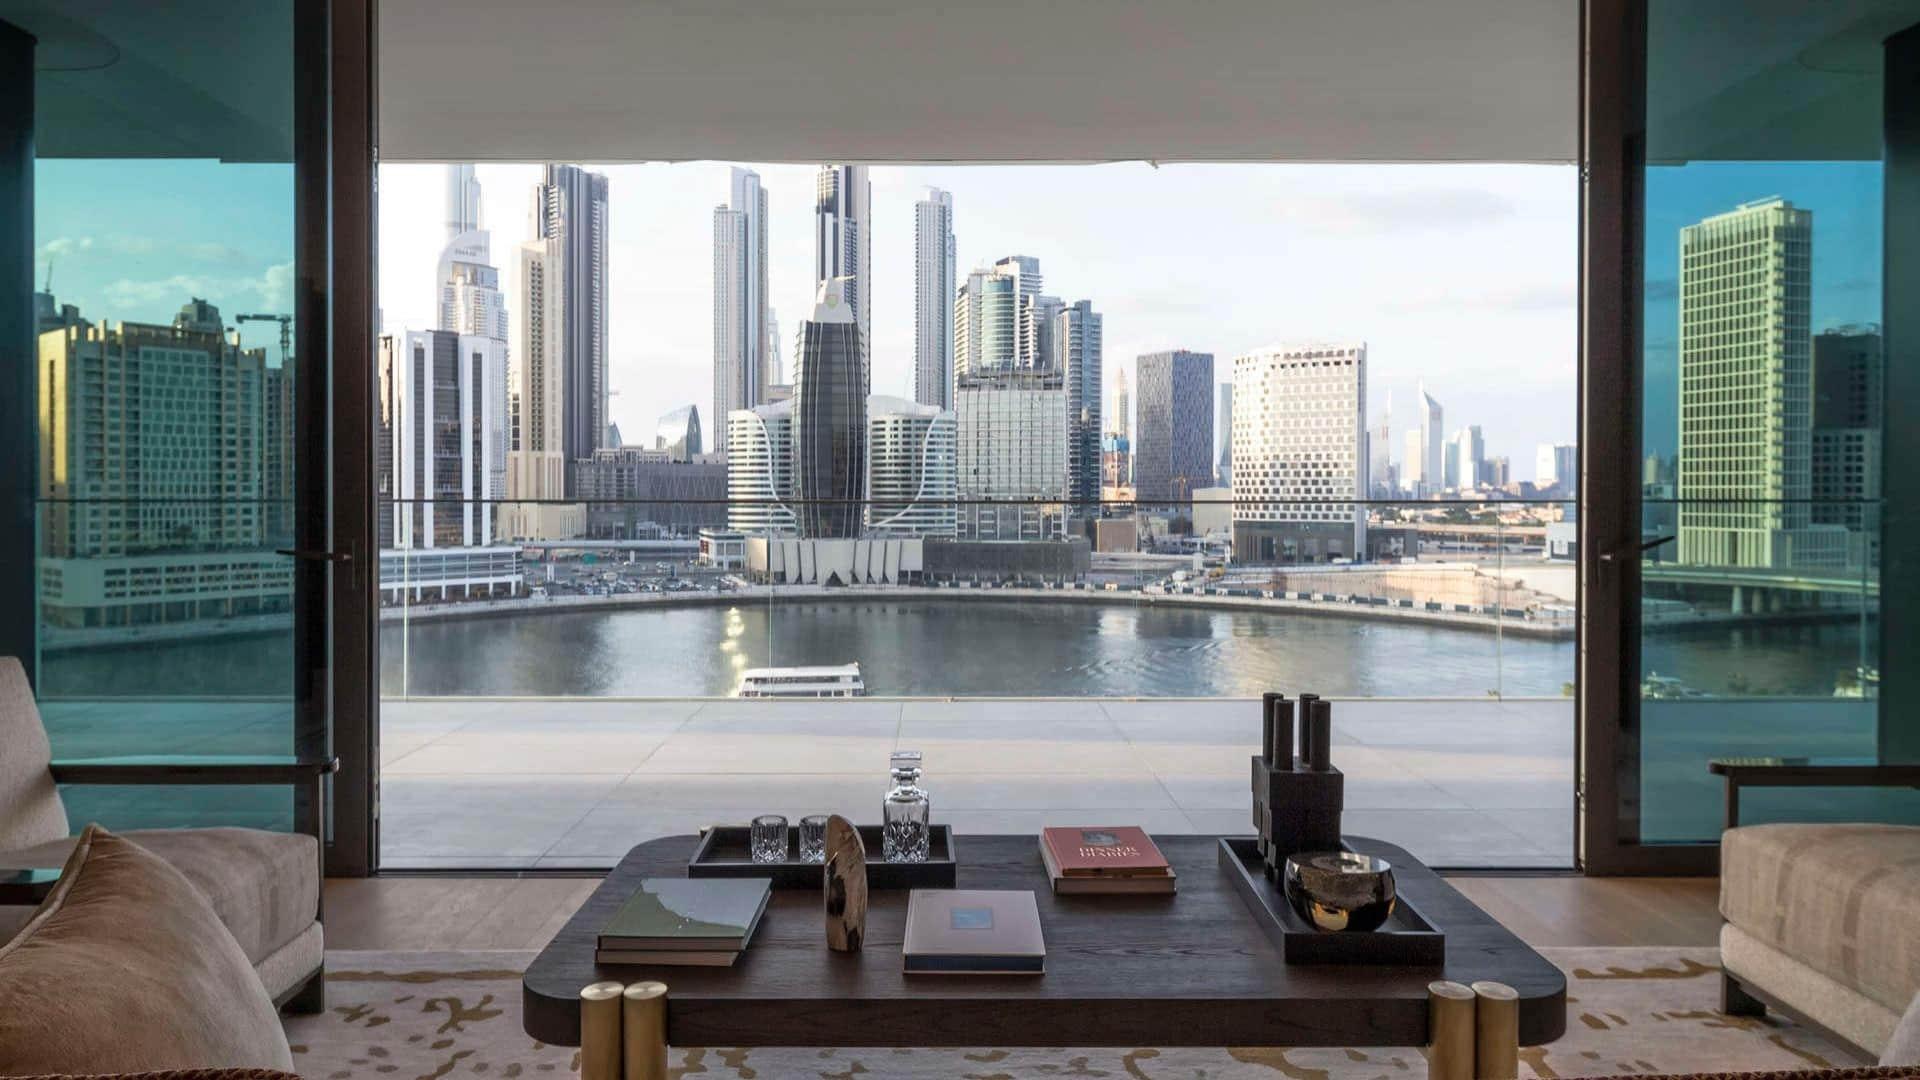 Ático en venta en Dubai, EAU, 5 dormitorios, 1645 m2, № 24060 – foto 1